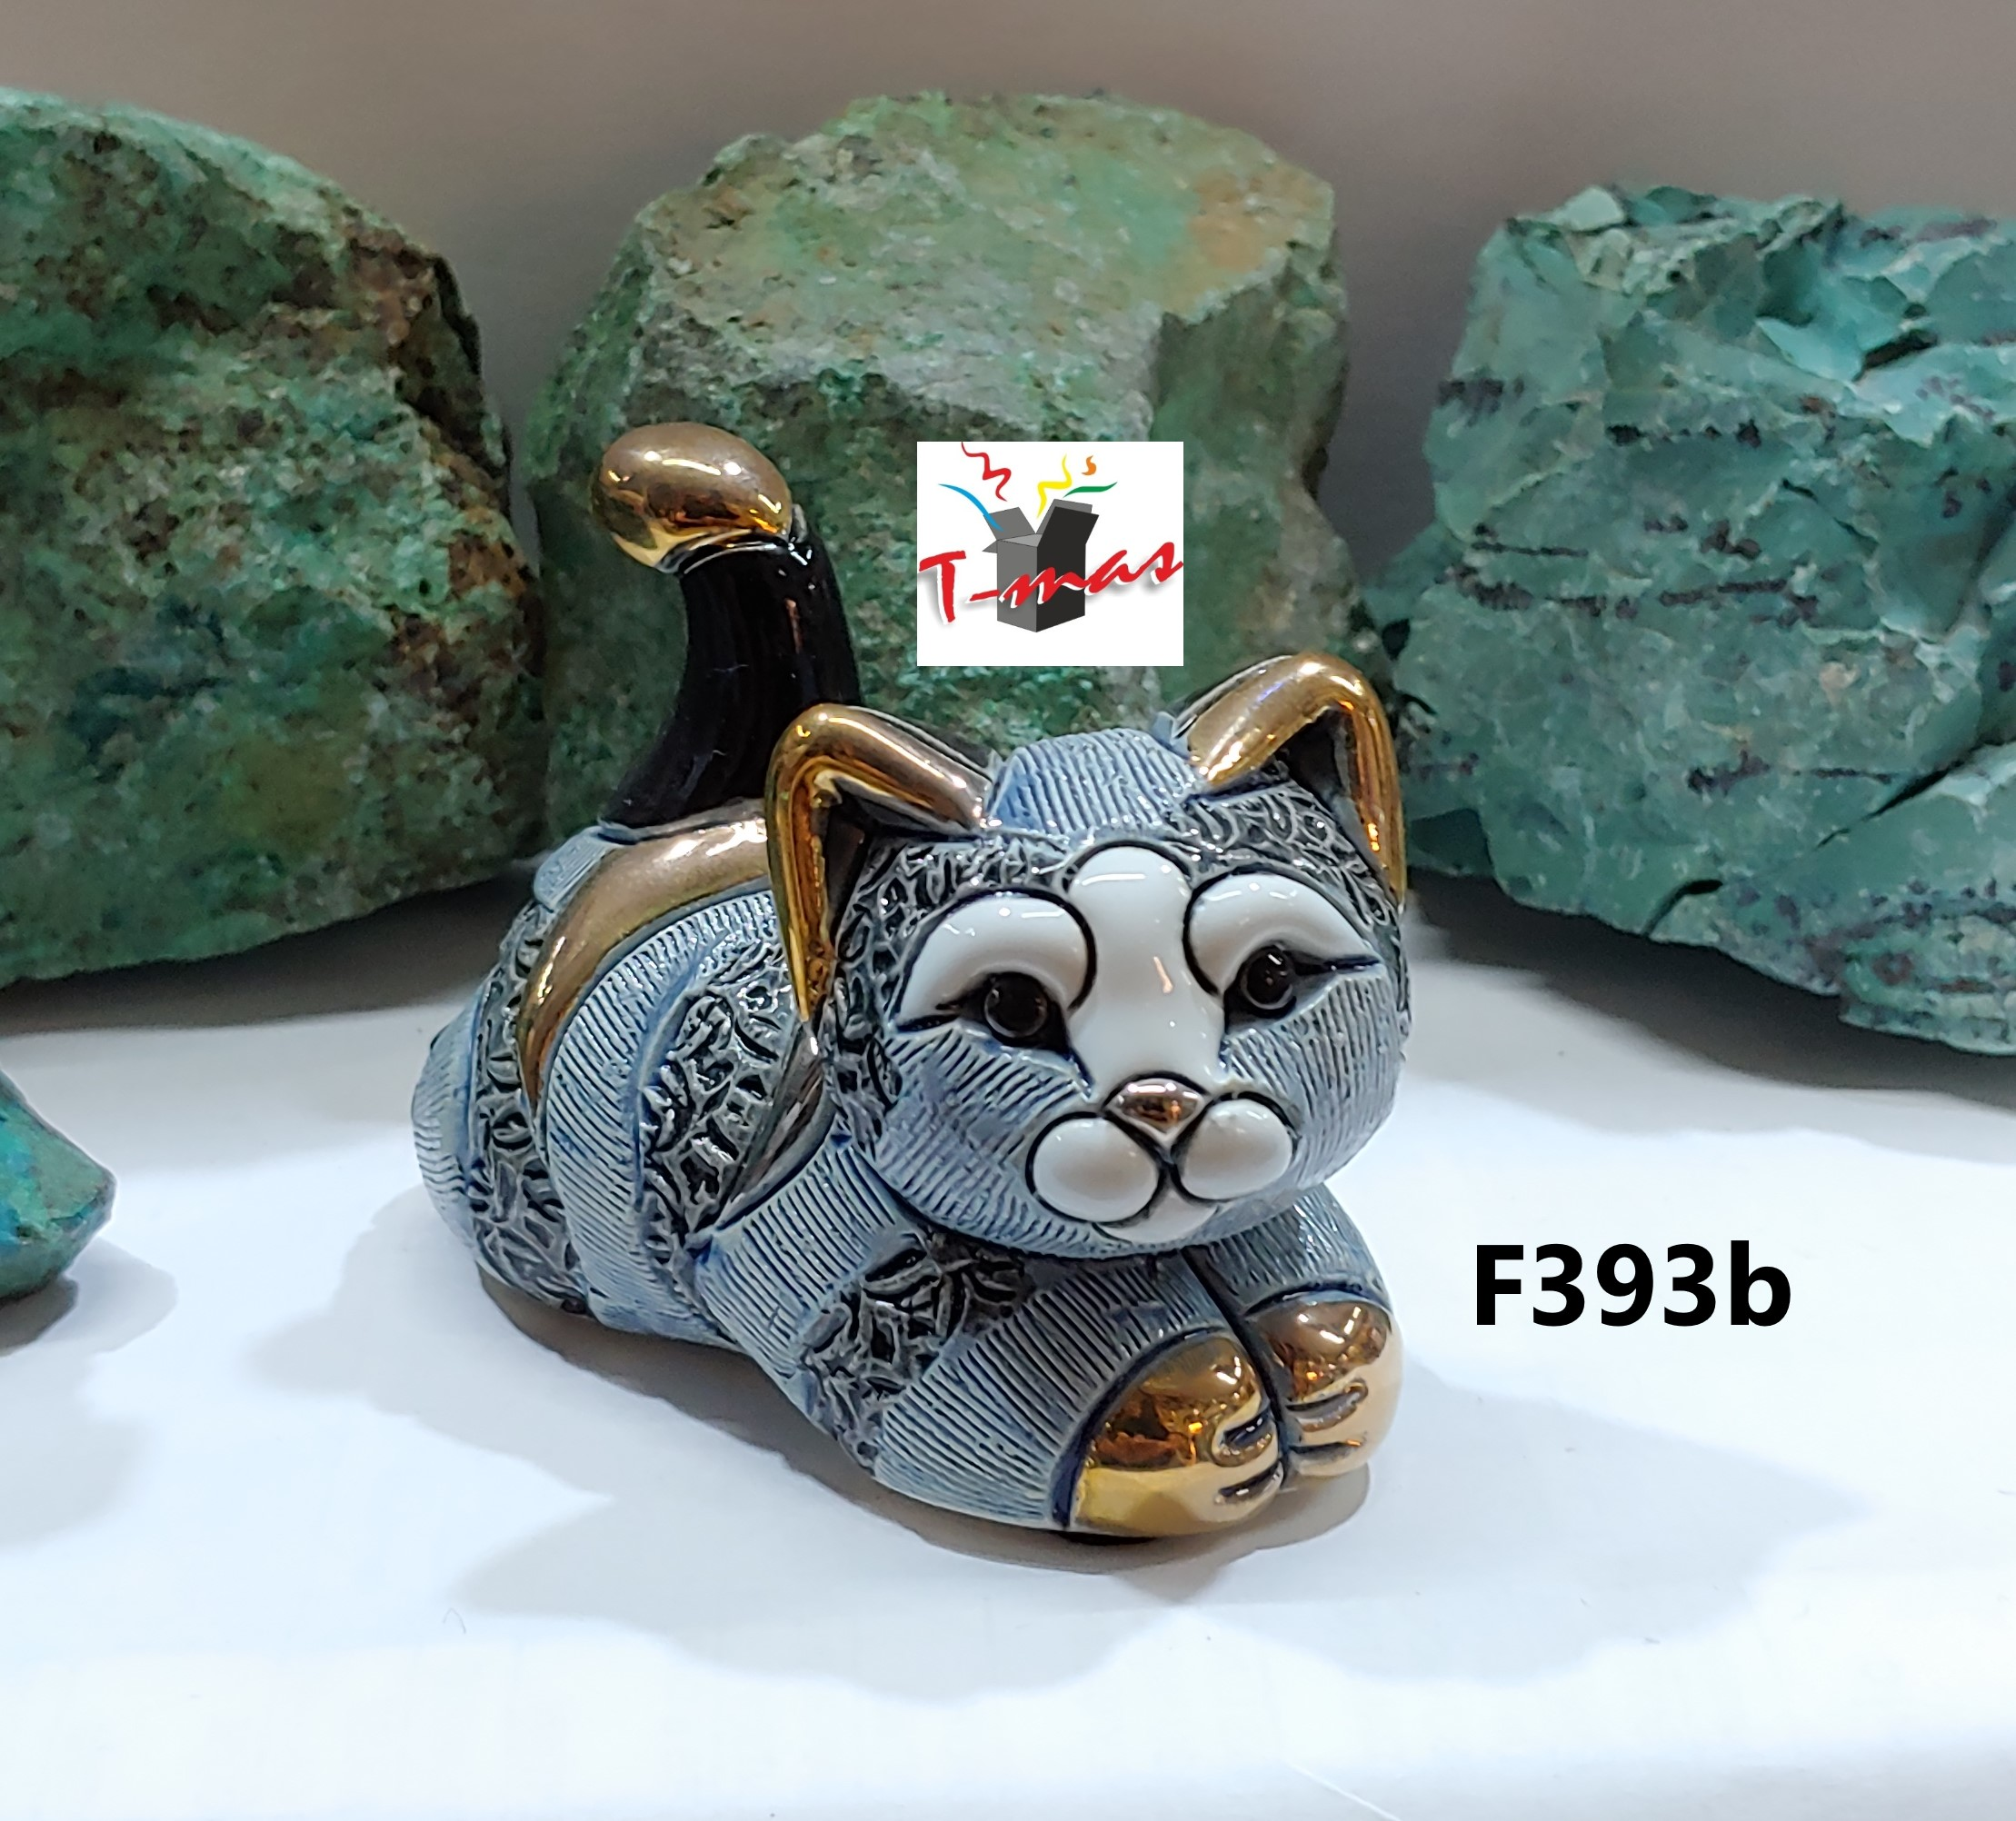 Familia de gatos a rayas - DeRosa Rinconada F393b